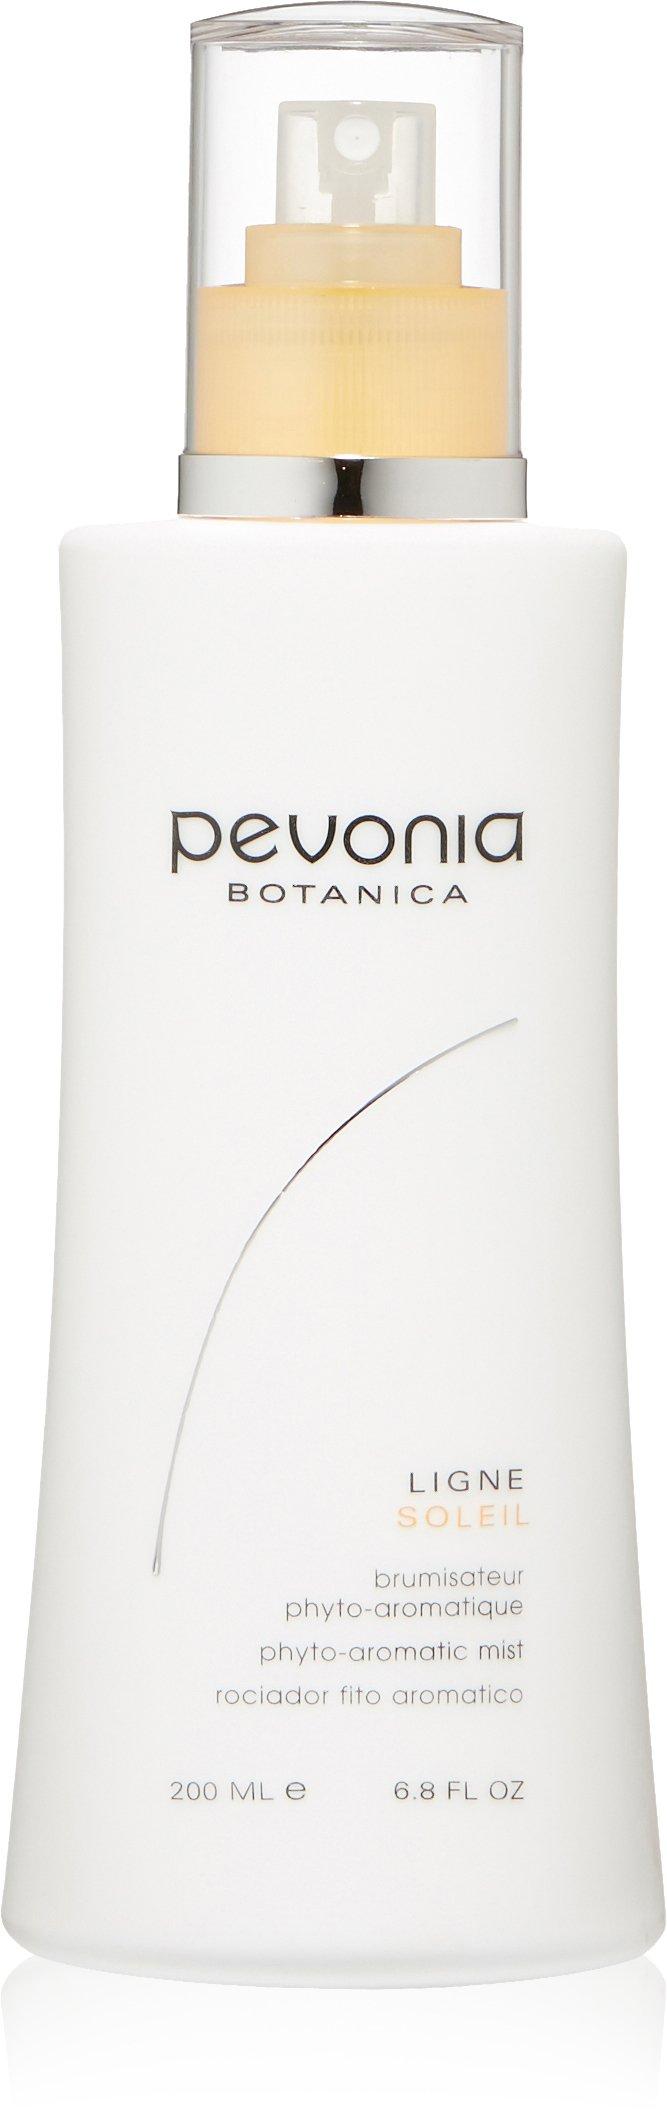 Pevonia Phyto-Aromatic Mist, 6.8 Fl Oz